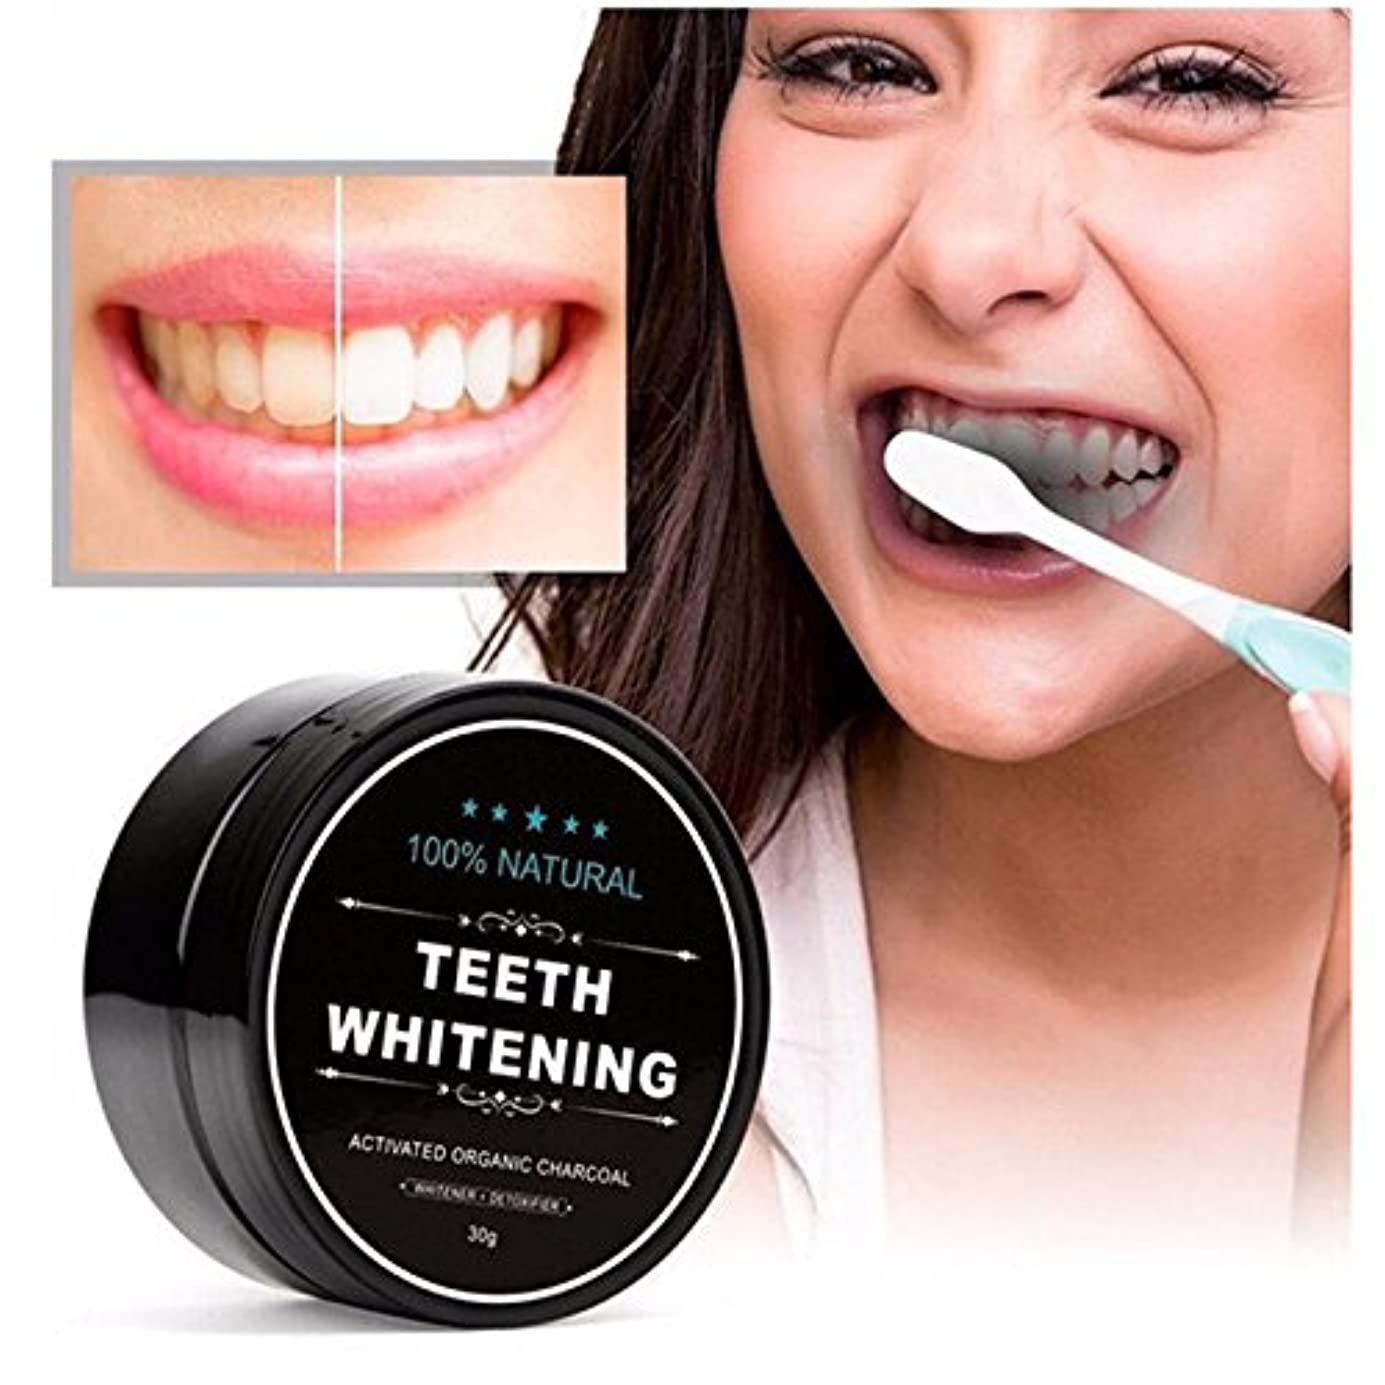 役に立つ捨てる関係Oral Dentistryチャコールホワイトニング 歯磨き粉 歯のホワイトニング 歯磨き剤 食べる活性炭 活性炭パウダー 竹炭 ブラック (1個)